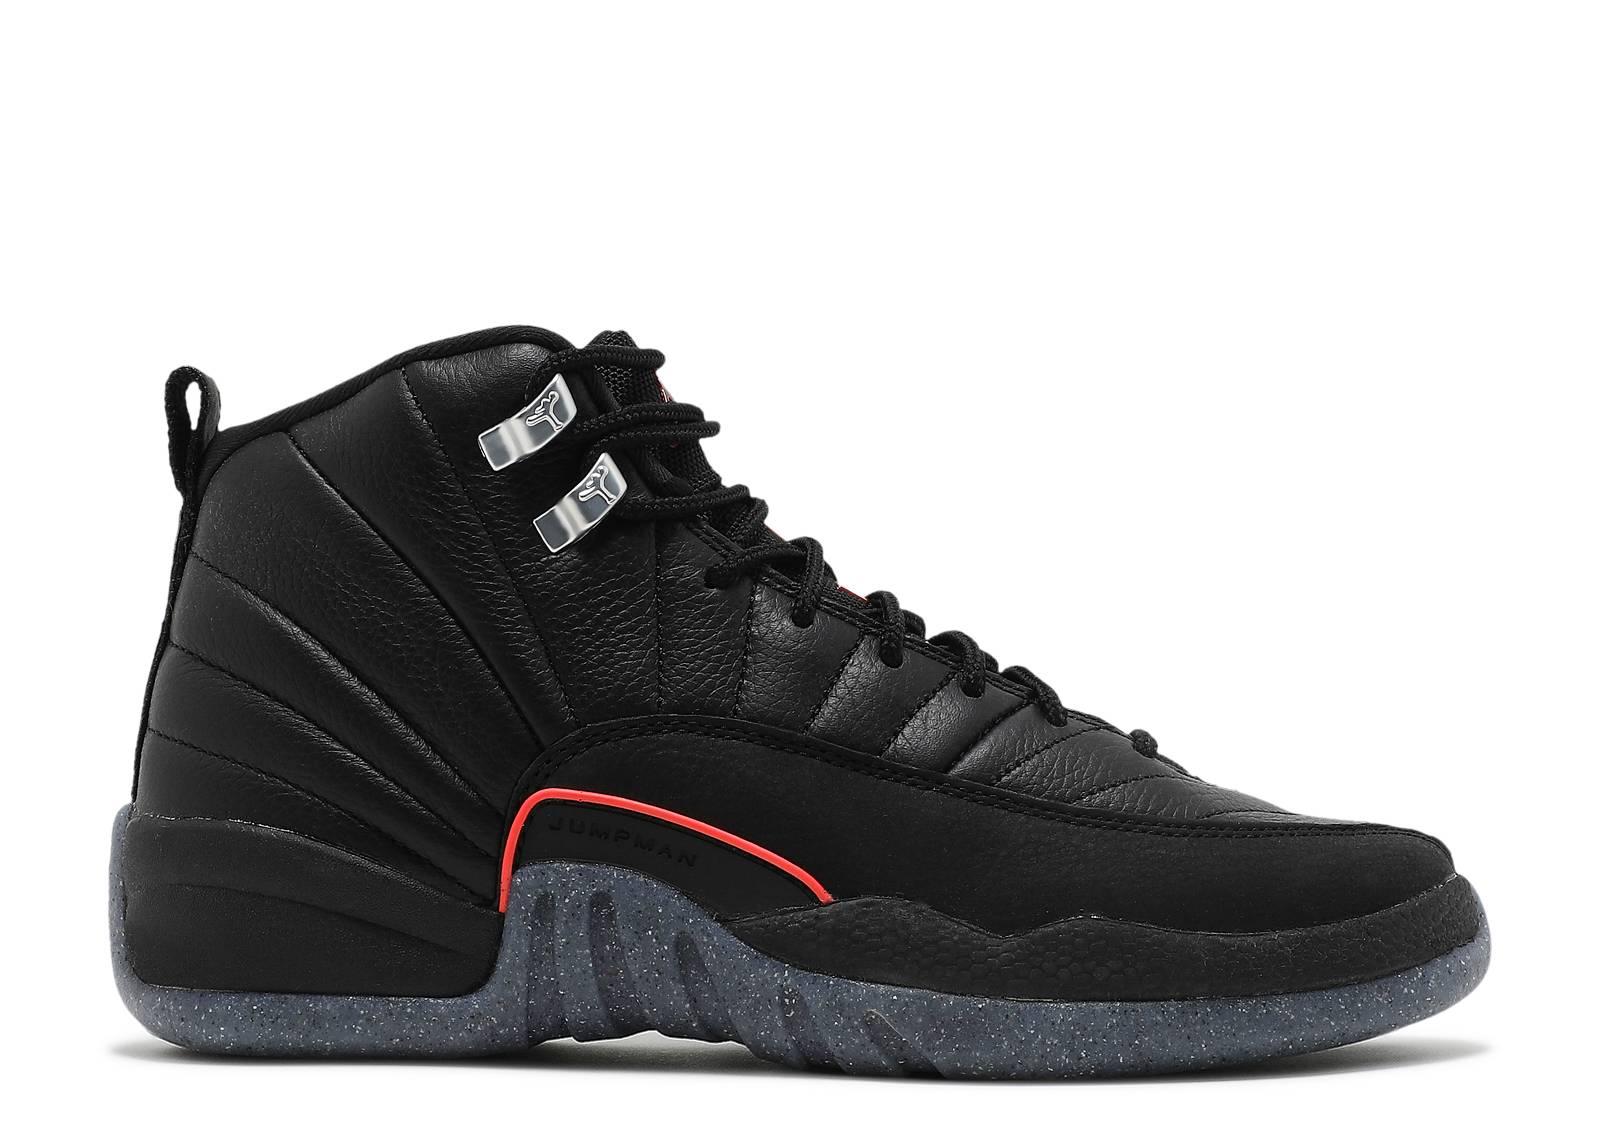 Air Jordan 12 Sneakers   Flight Club